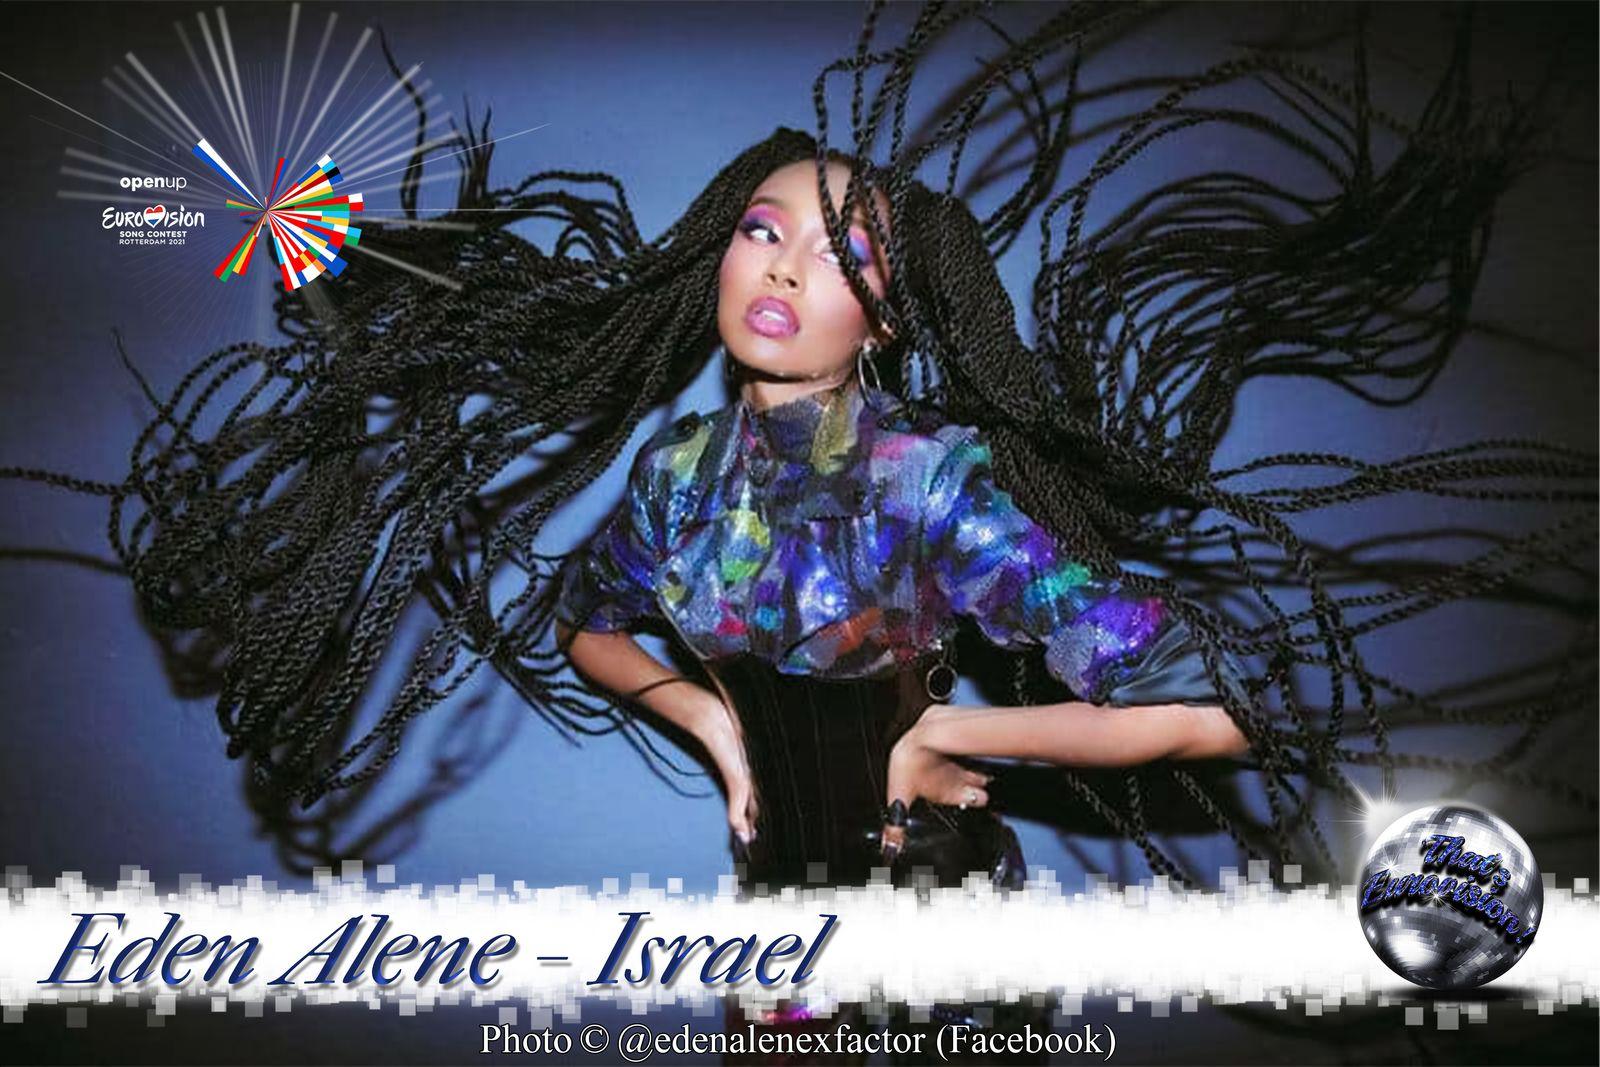 Israel 2021 - Eden Alene (Set Me Free)